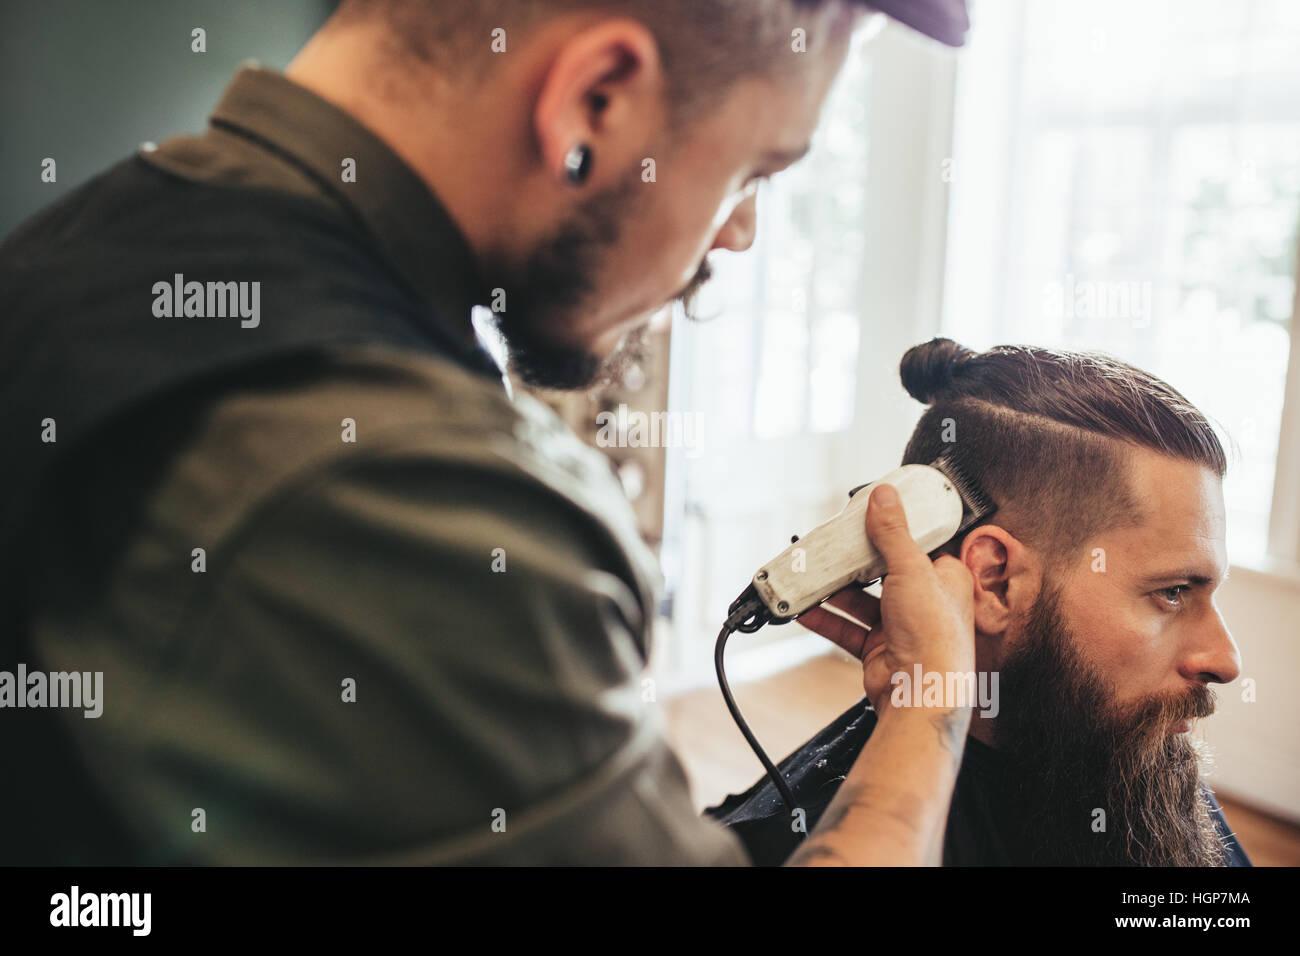 Beard Man Getting Haircut At Barber Shop Hairdresser Cutting Hair